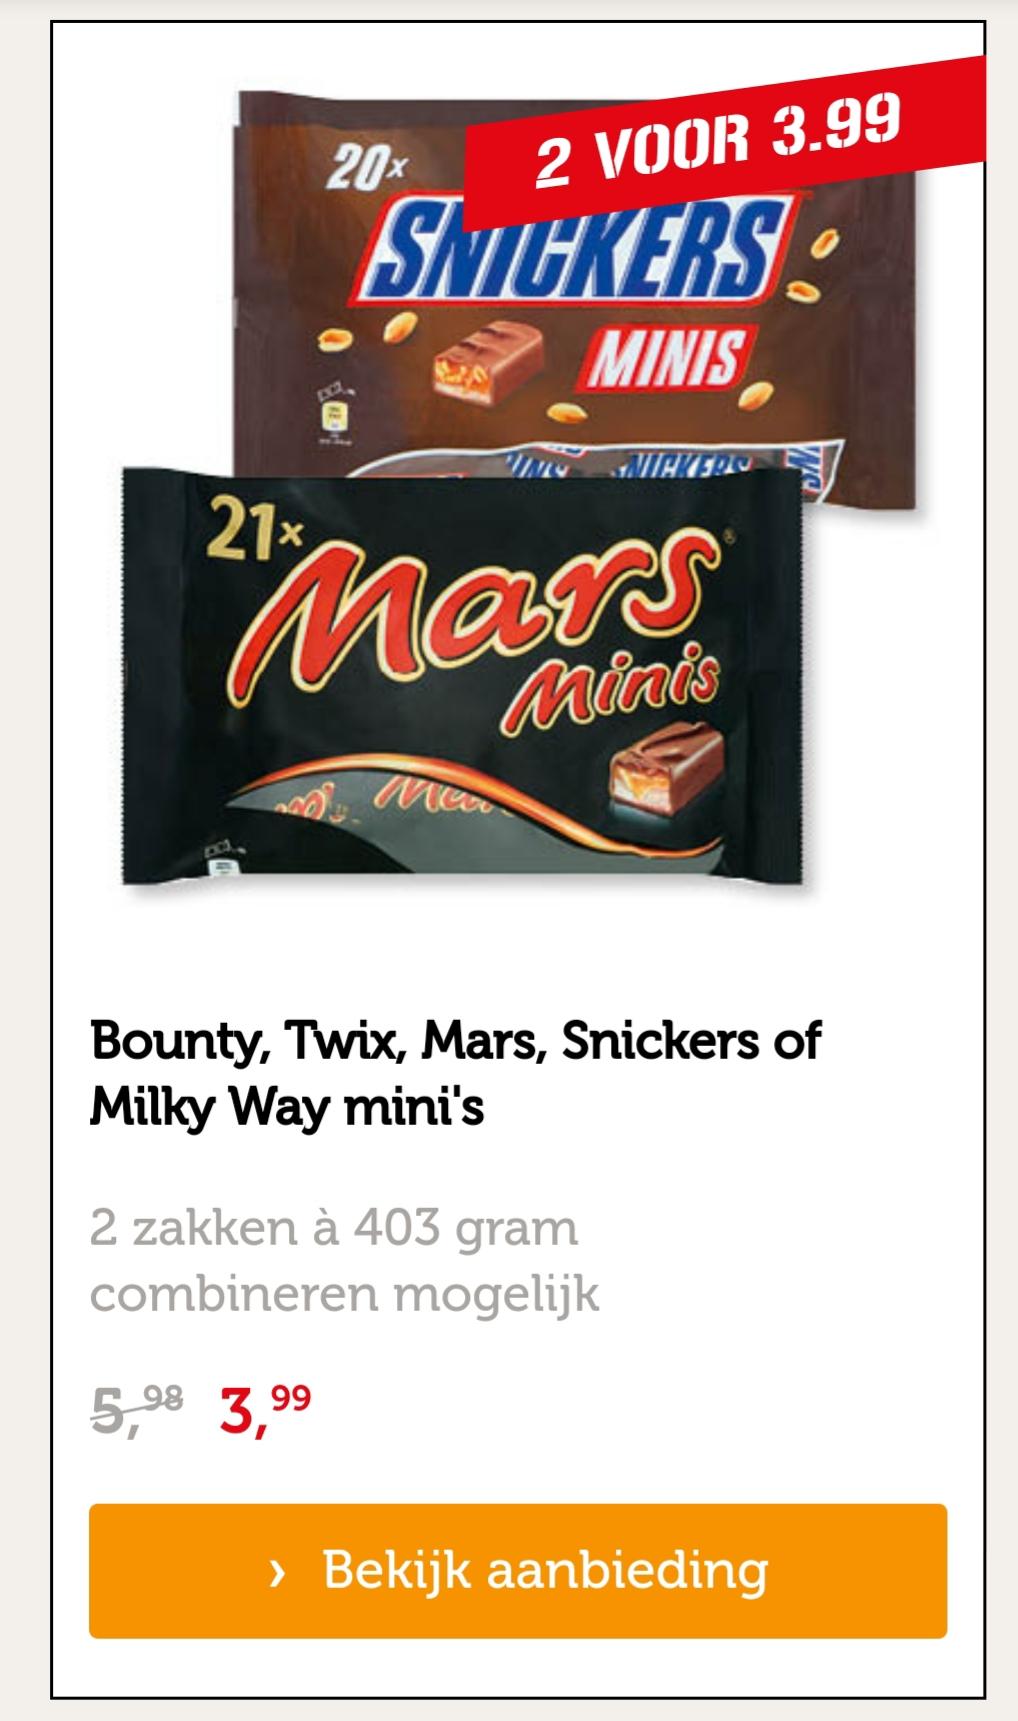 Bounty, Twix, Mars, Snickers of Milky Way mini's 2 zakken voor €3,99 bij Coop